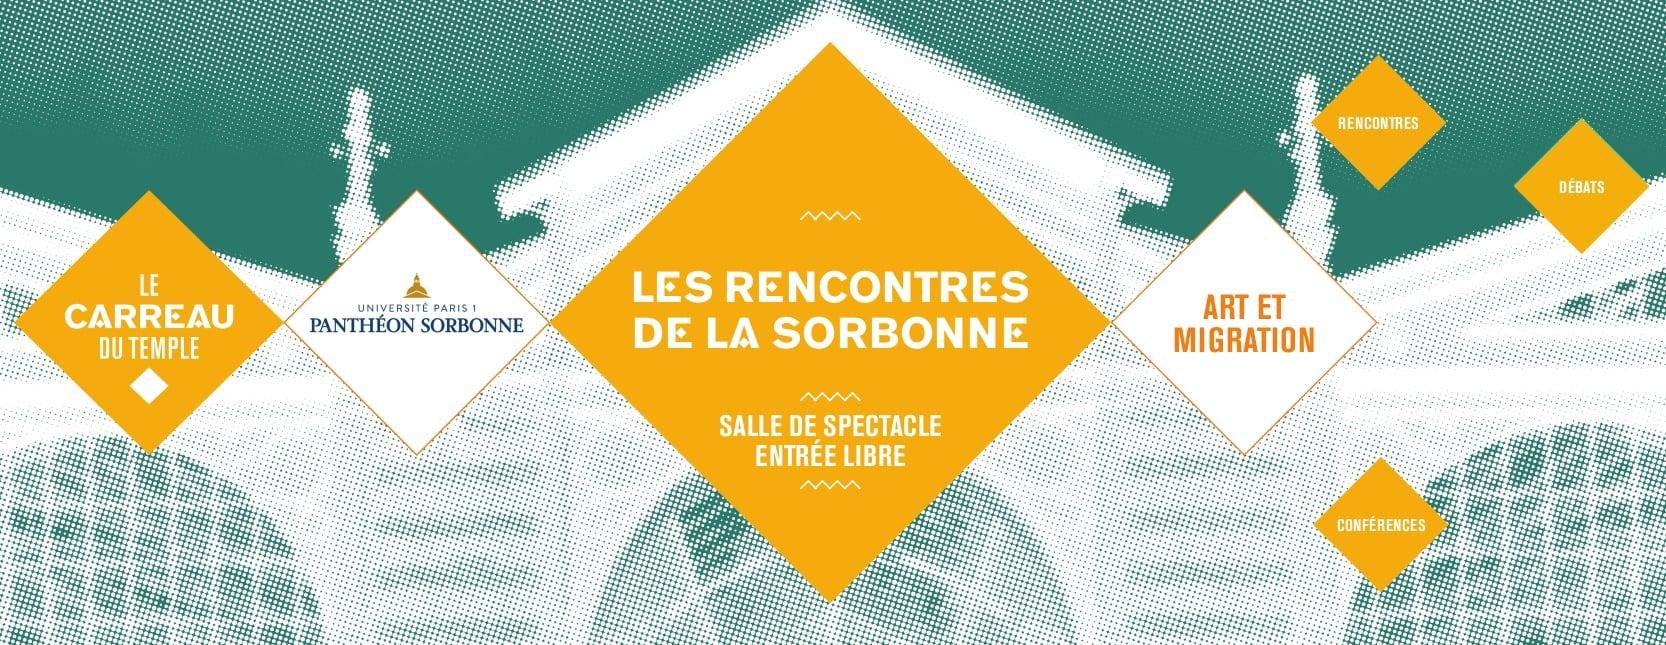 Quatrième Rencontre de la Sorbonne : Art et Migration En ligne Paris